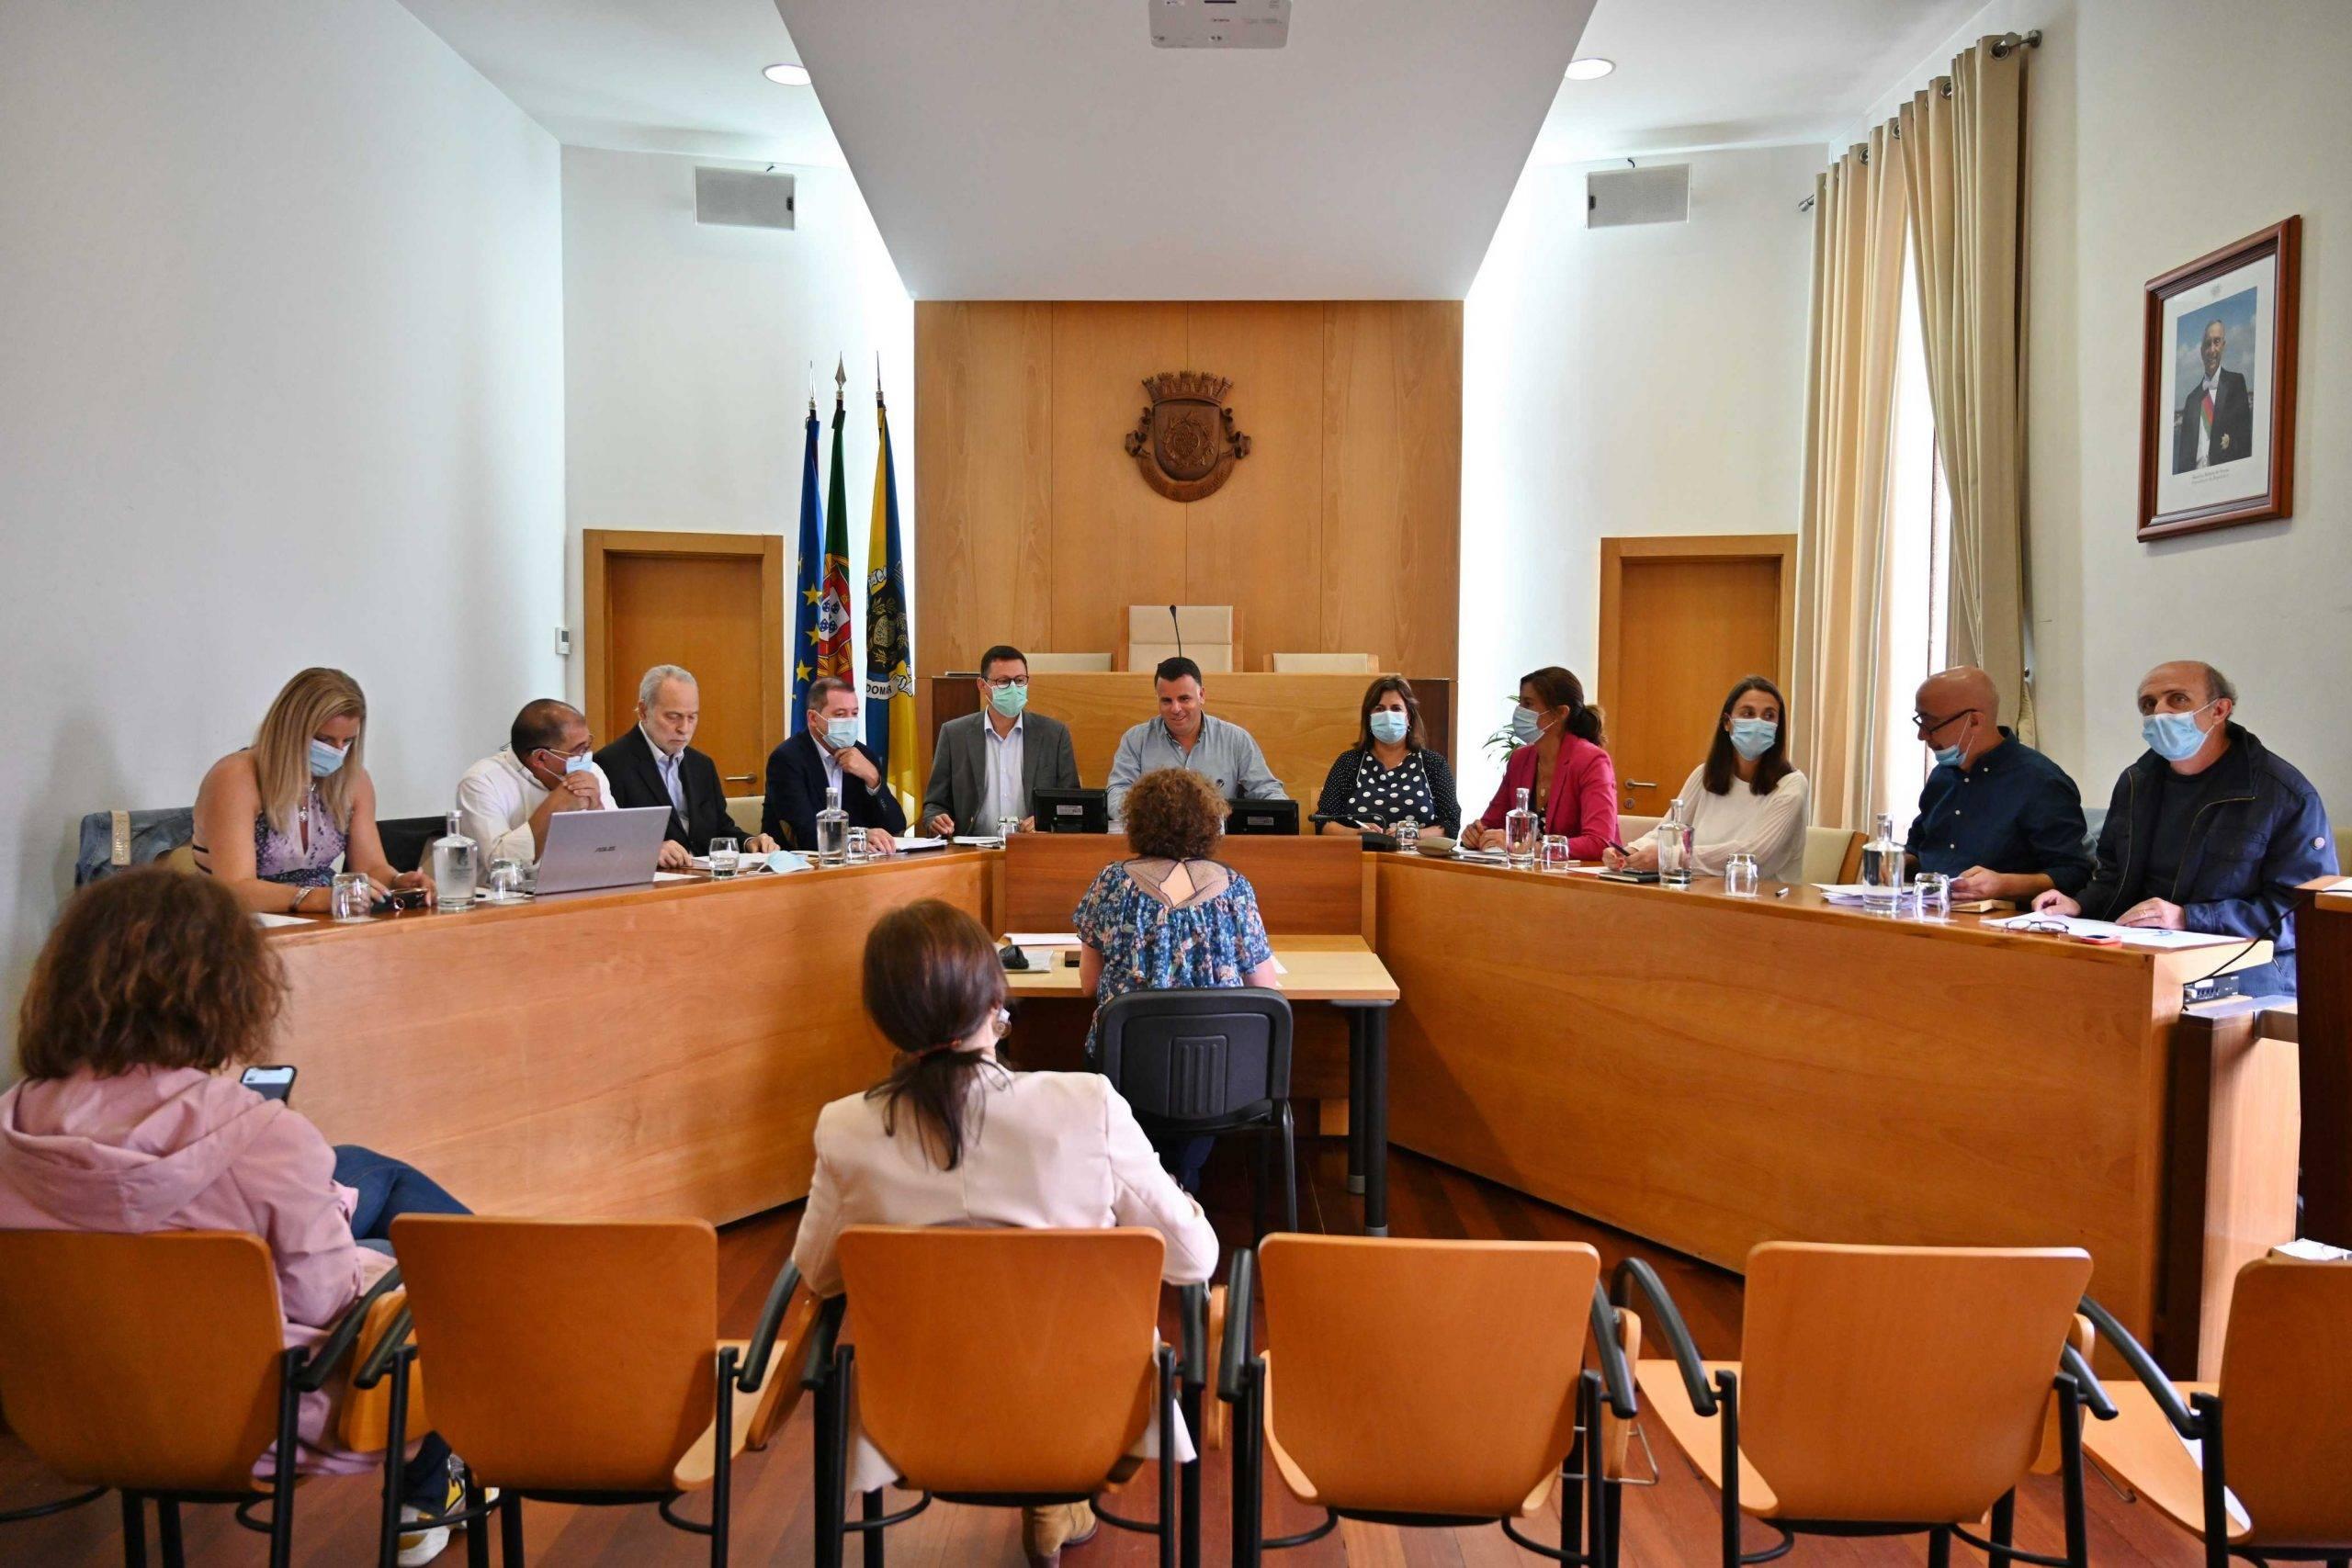 Câmara homenageia Jorge Sampaio e aprova Programa CED